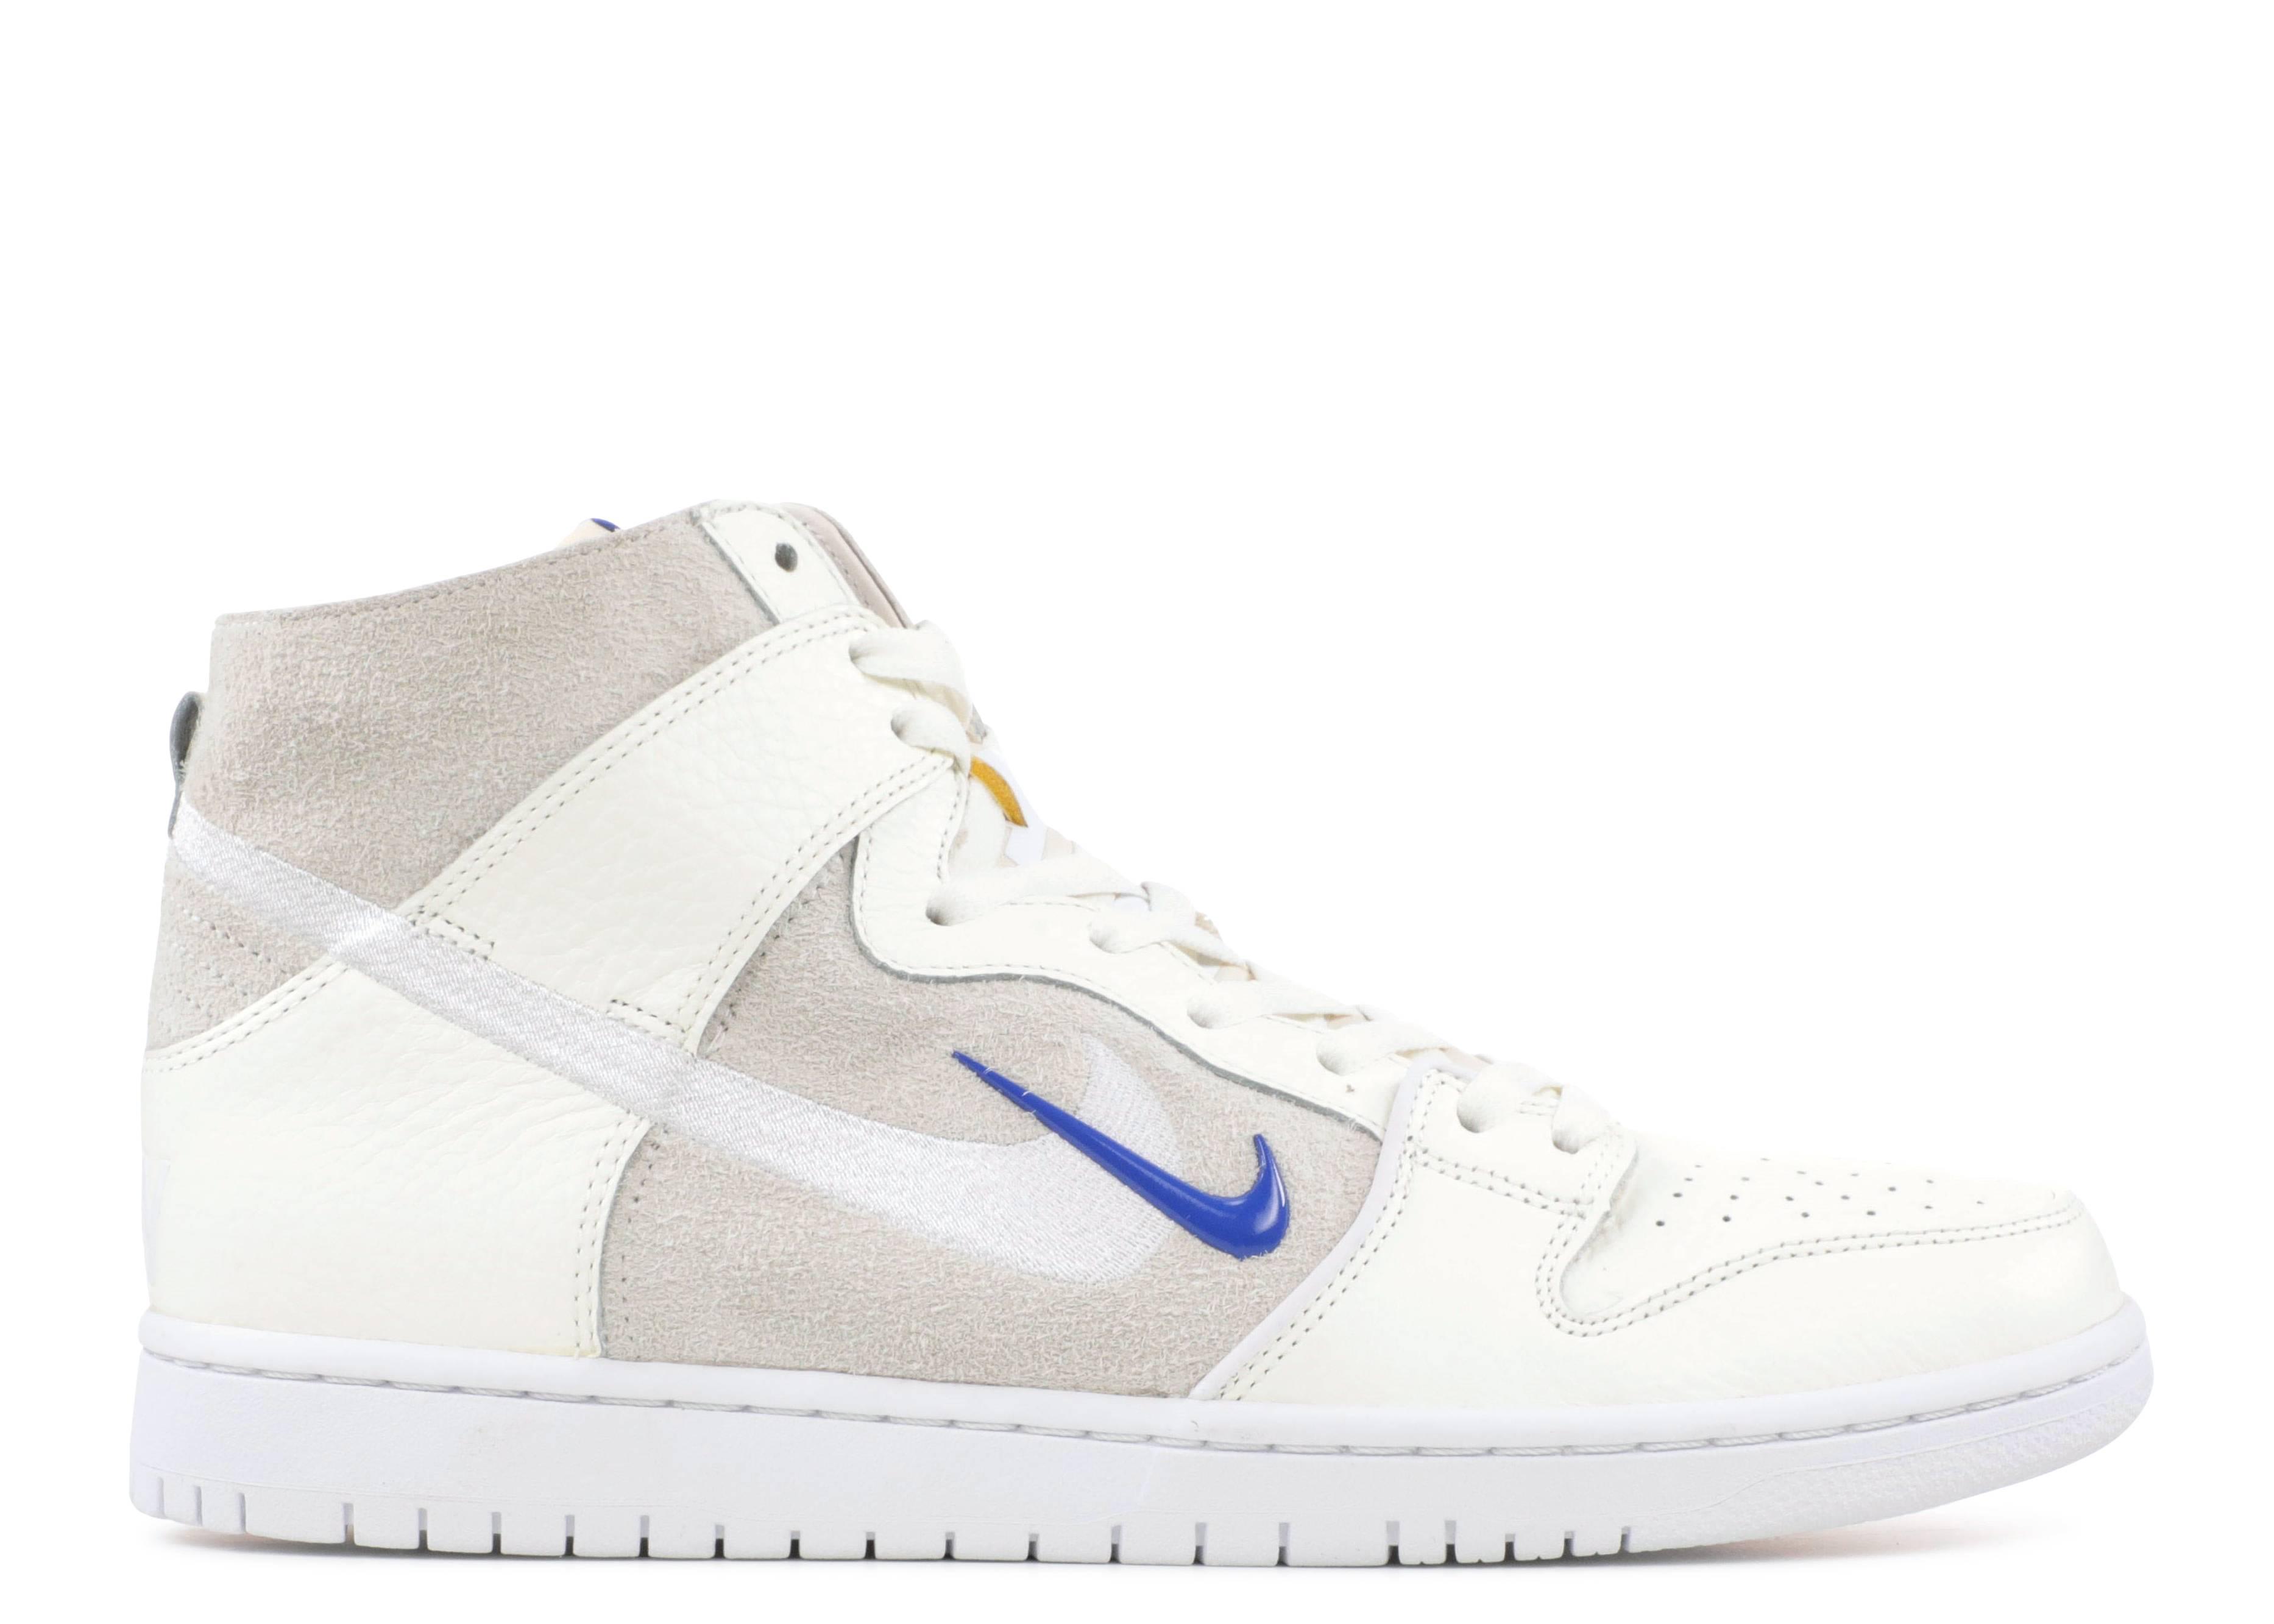 Nike Dunk Monde Pro Haute Qs visite rabais réel large éventail de commercialisable à vendre super promos wMQuPYkwJ8